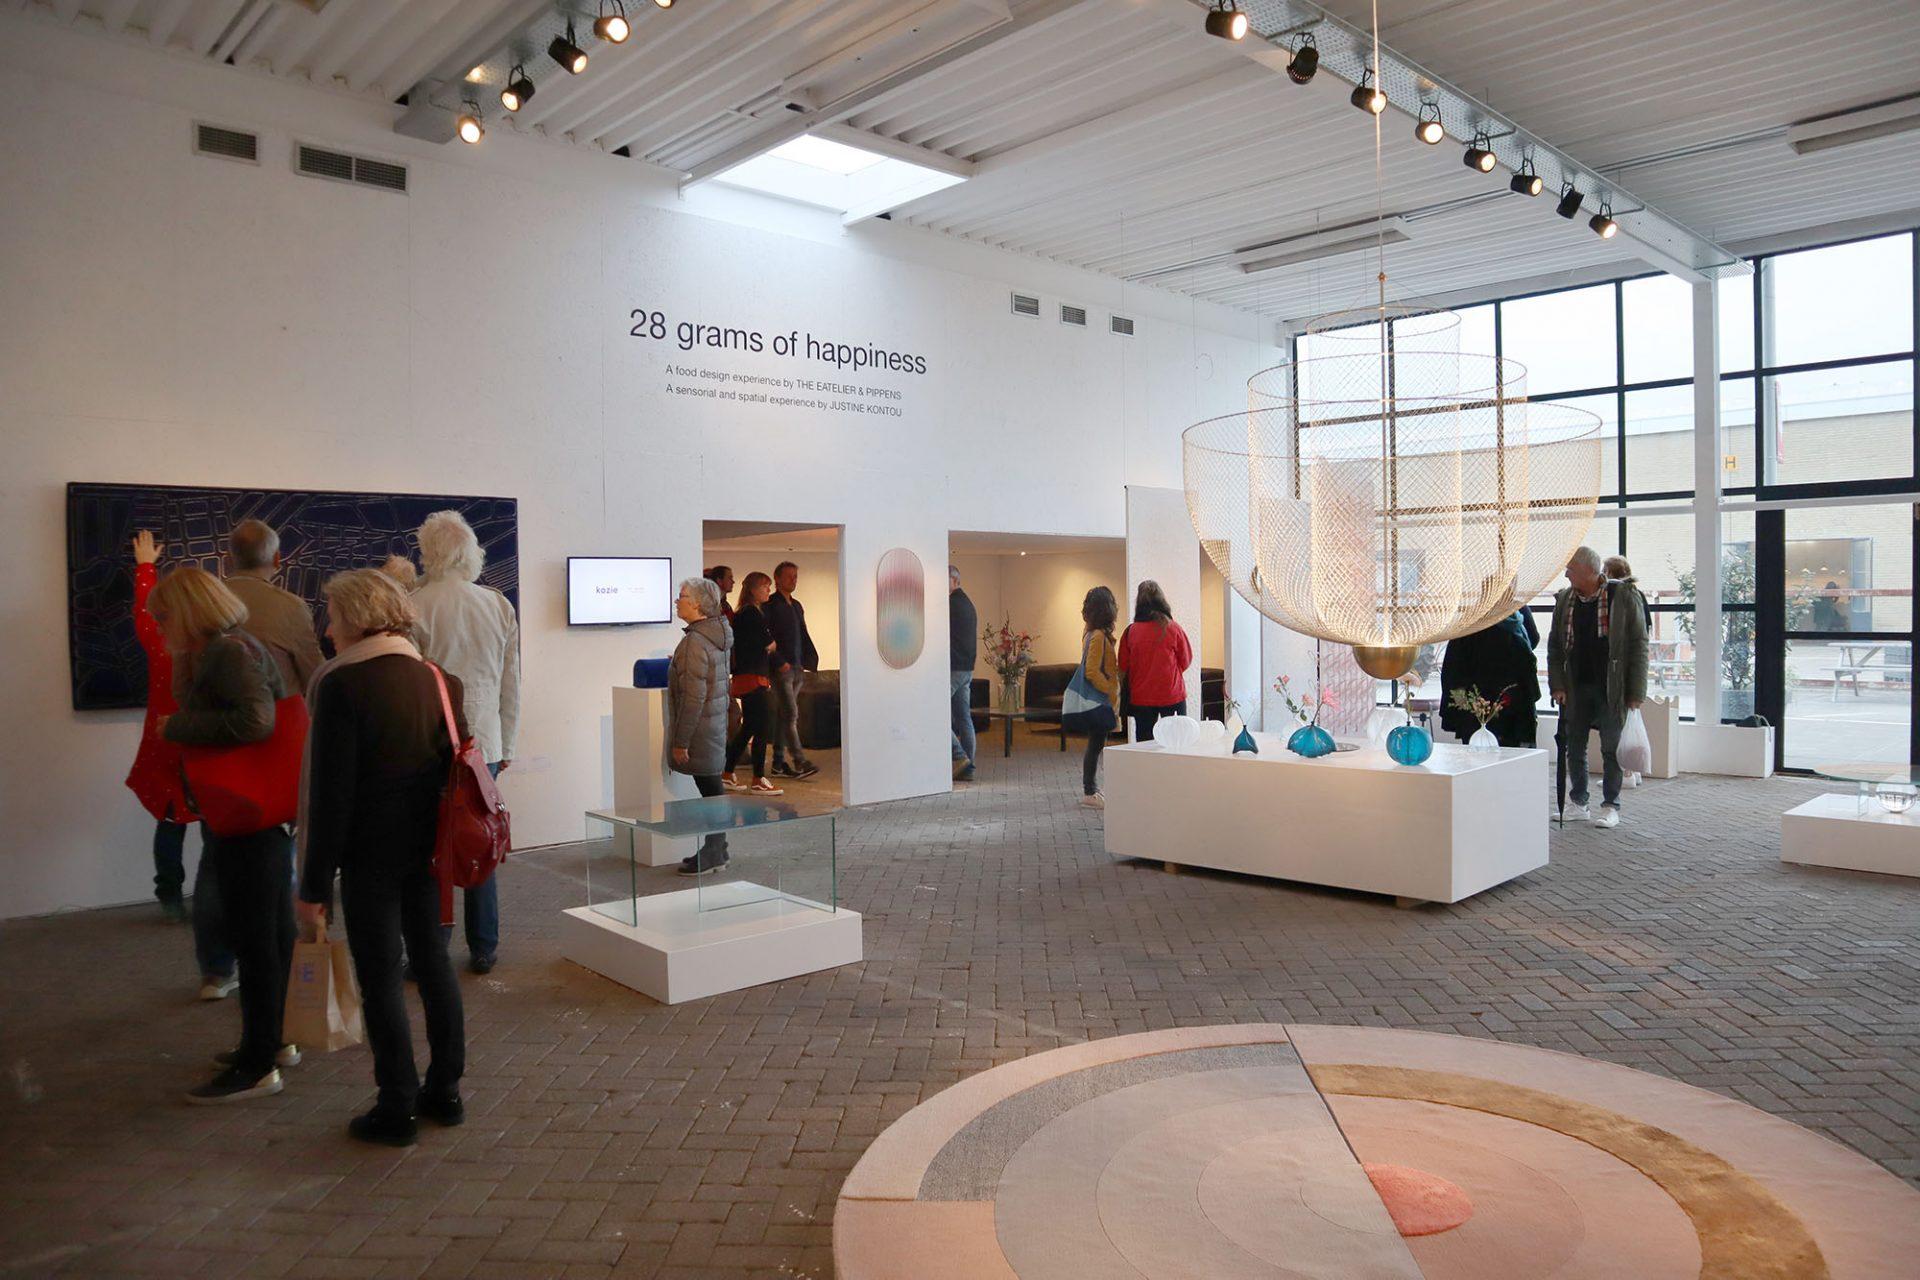 Section C. Künstler, Handwerker und Architekten öffnen ihre Ateliers und Werkstätten ...